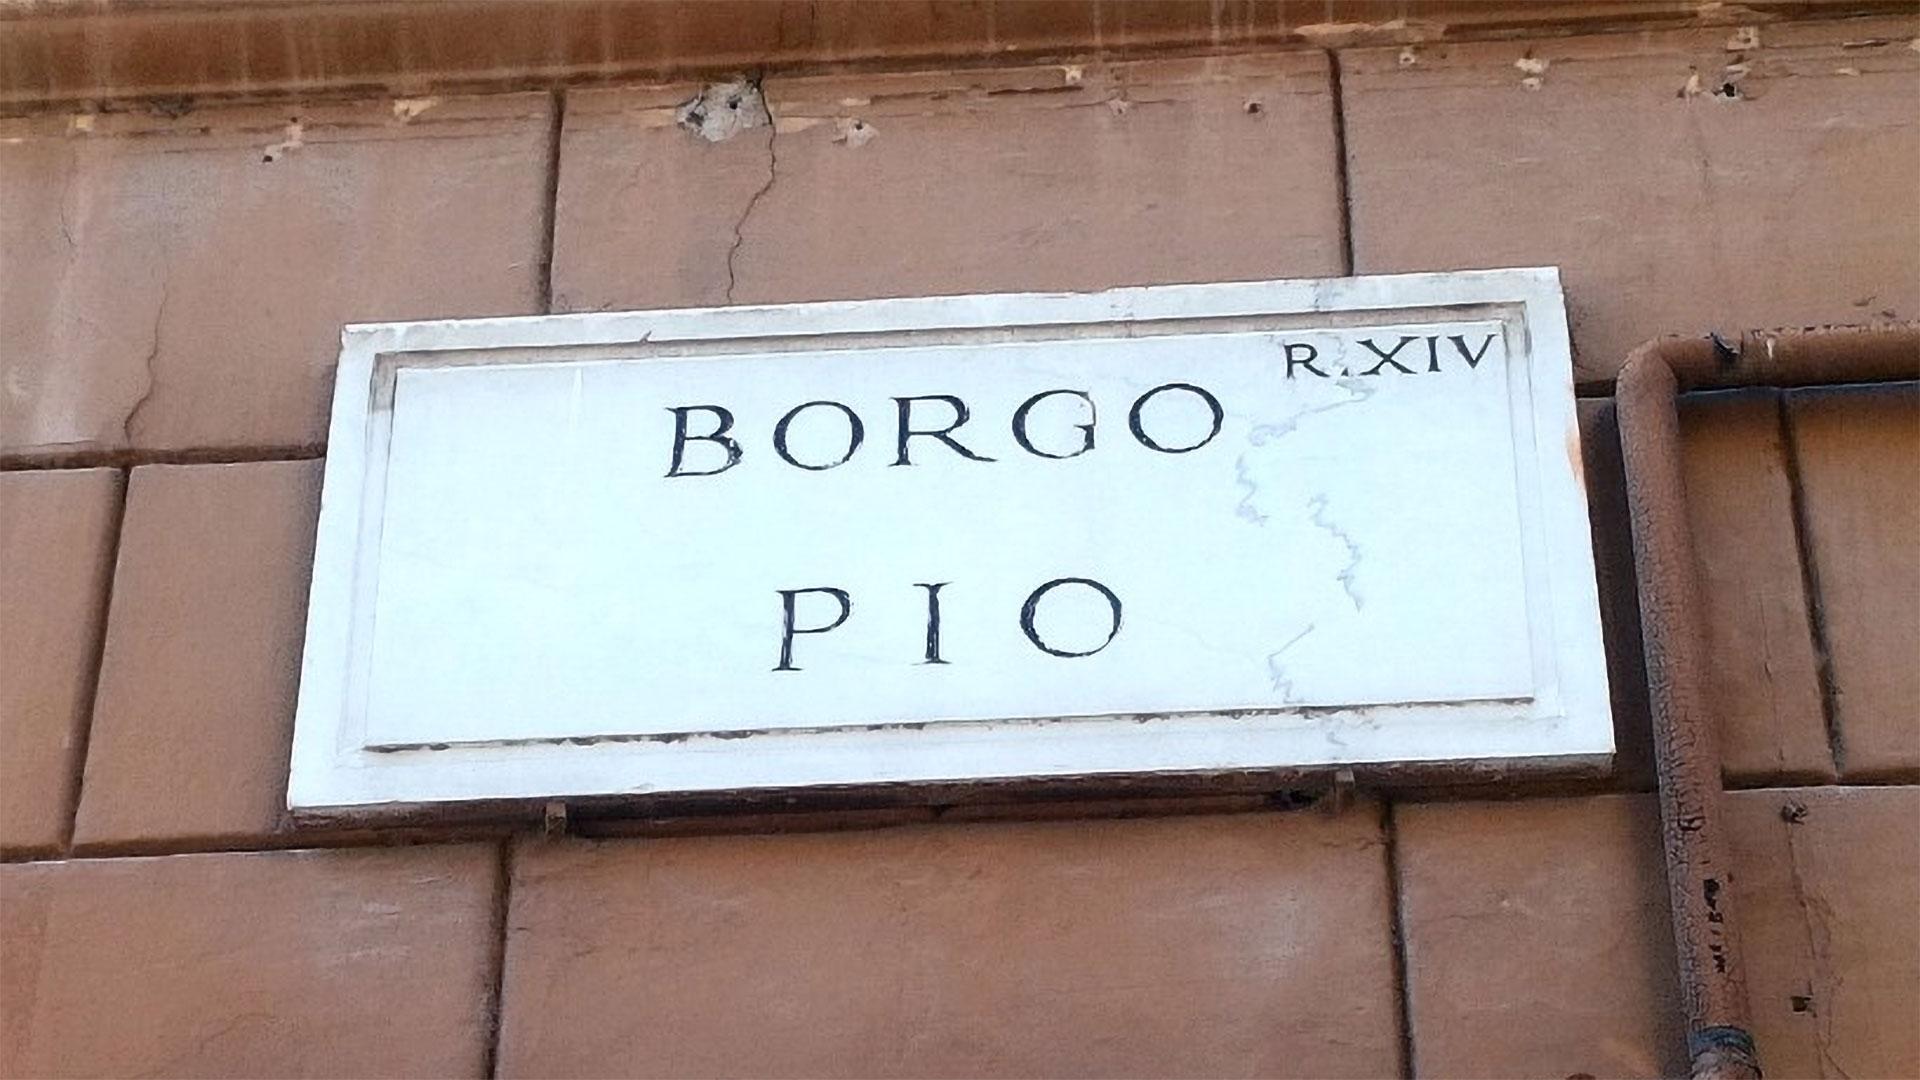 Borgo-Pio-Bestemmia